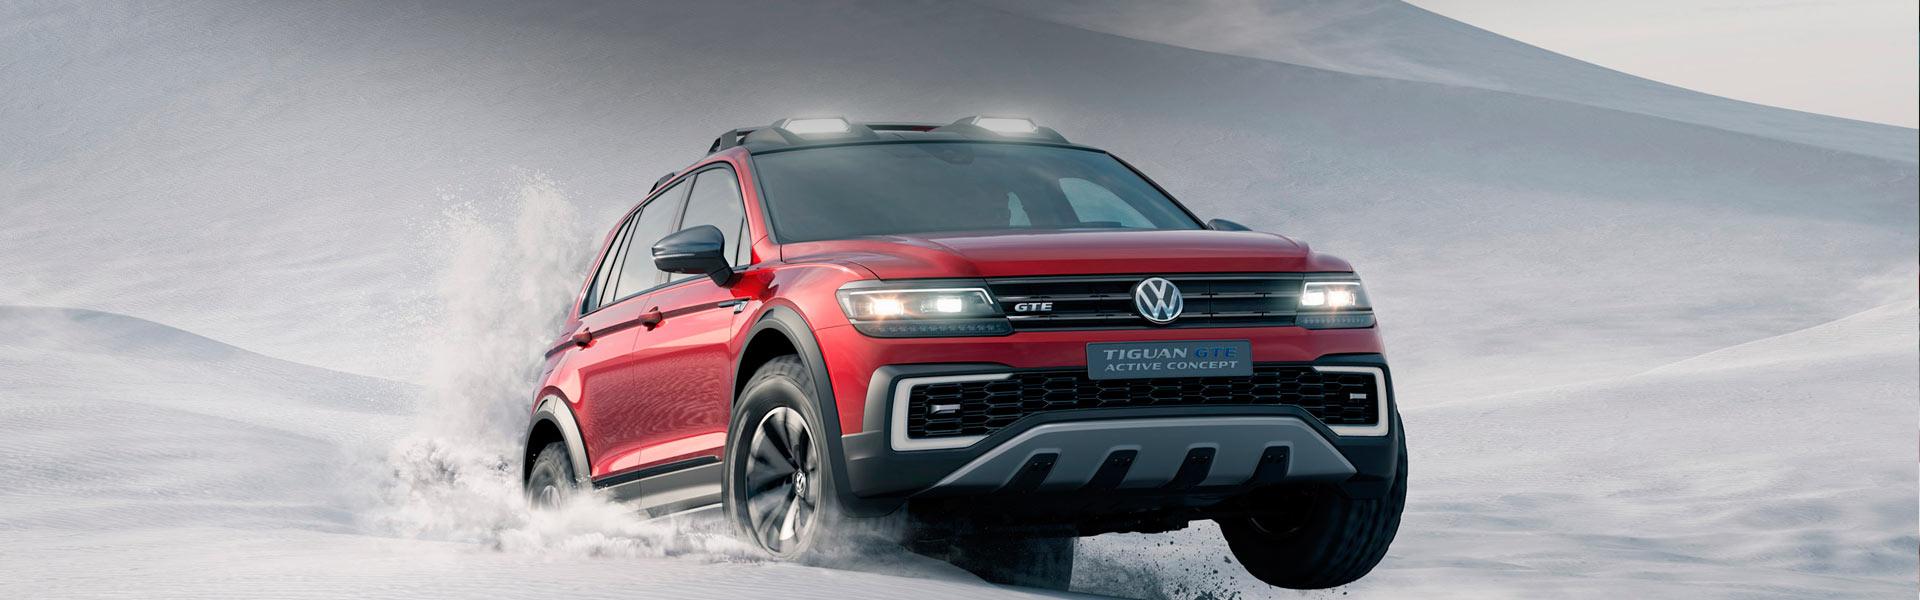 Сервис Volkswagen Tiguan